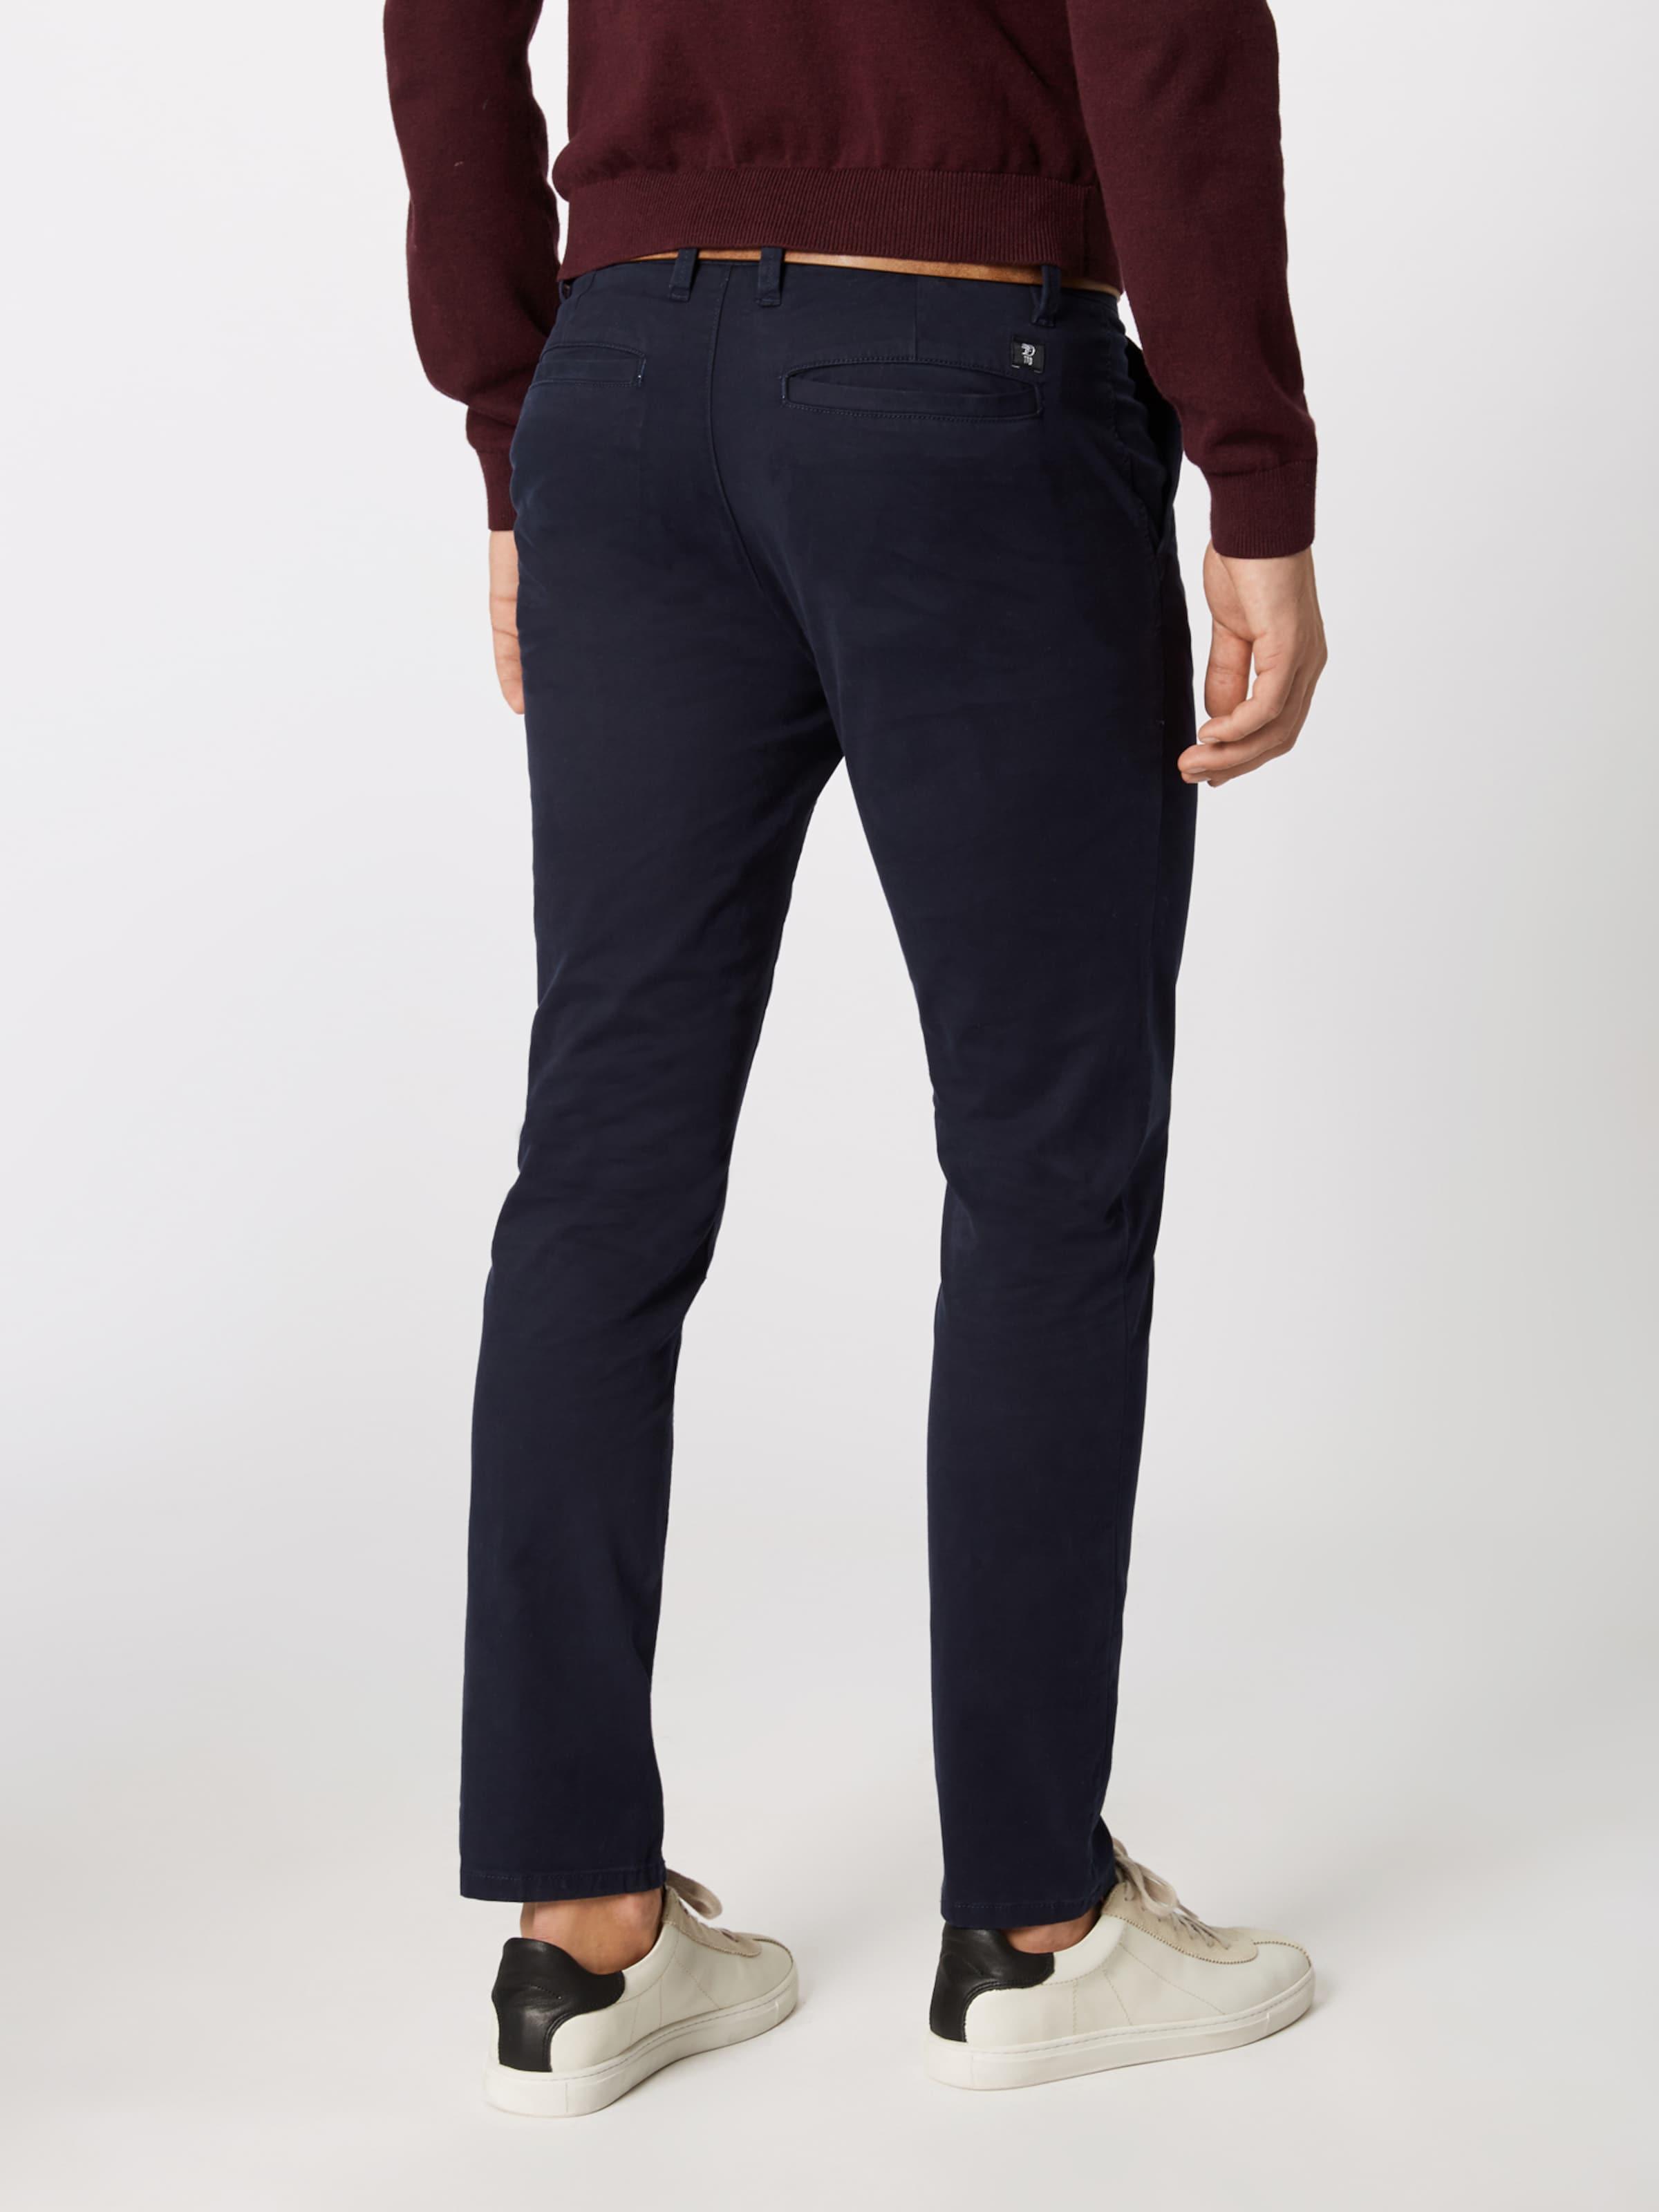 Bleu Foncé Denim Tom Tailor Pantalon Chino En sdthQrxBoC